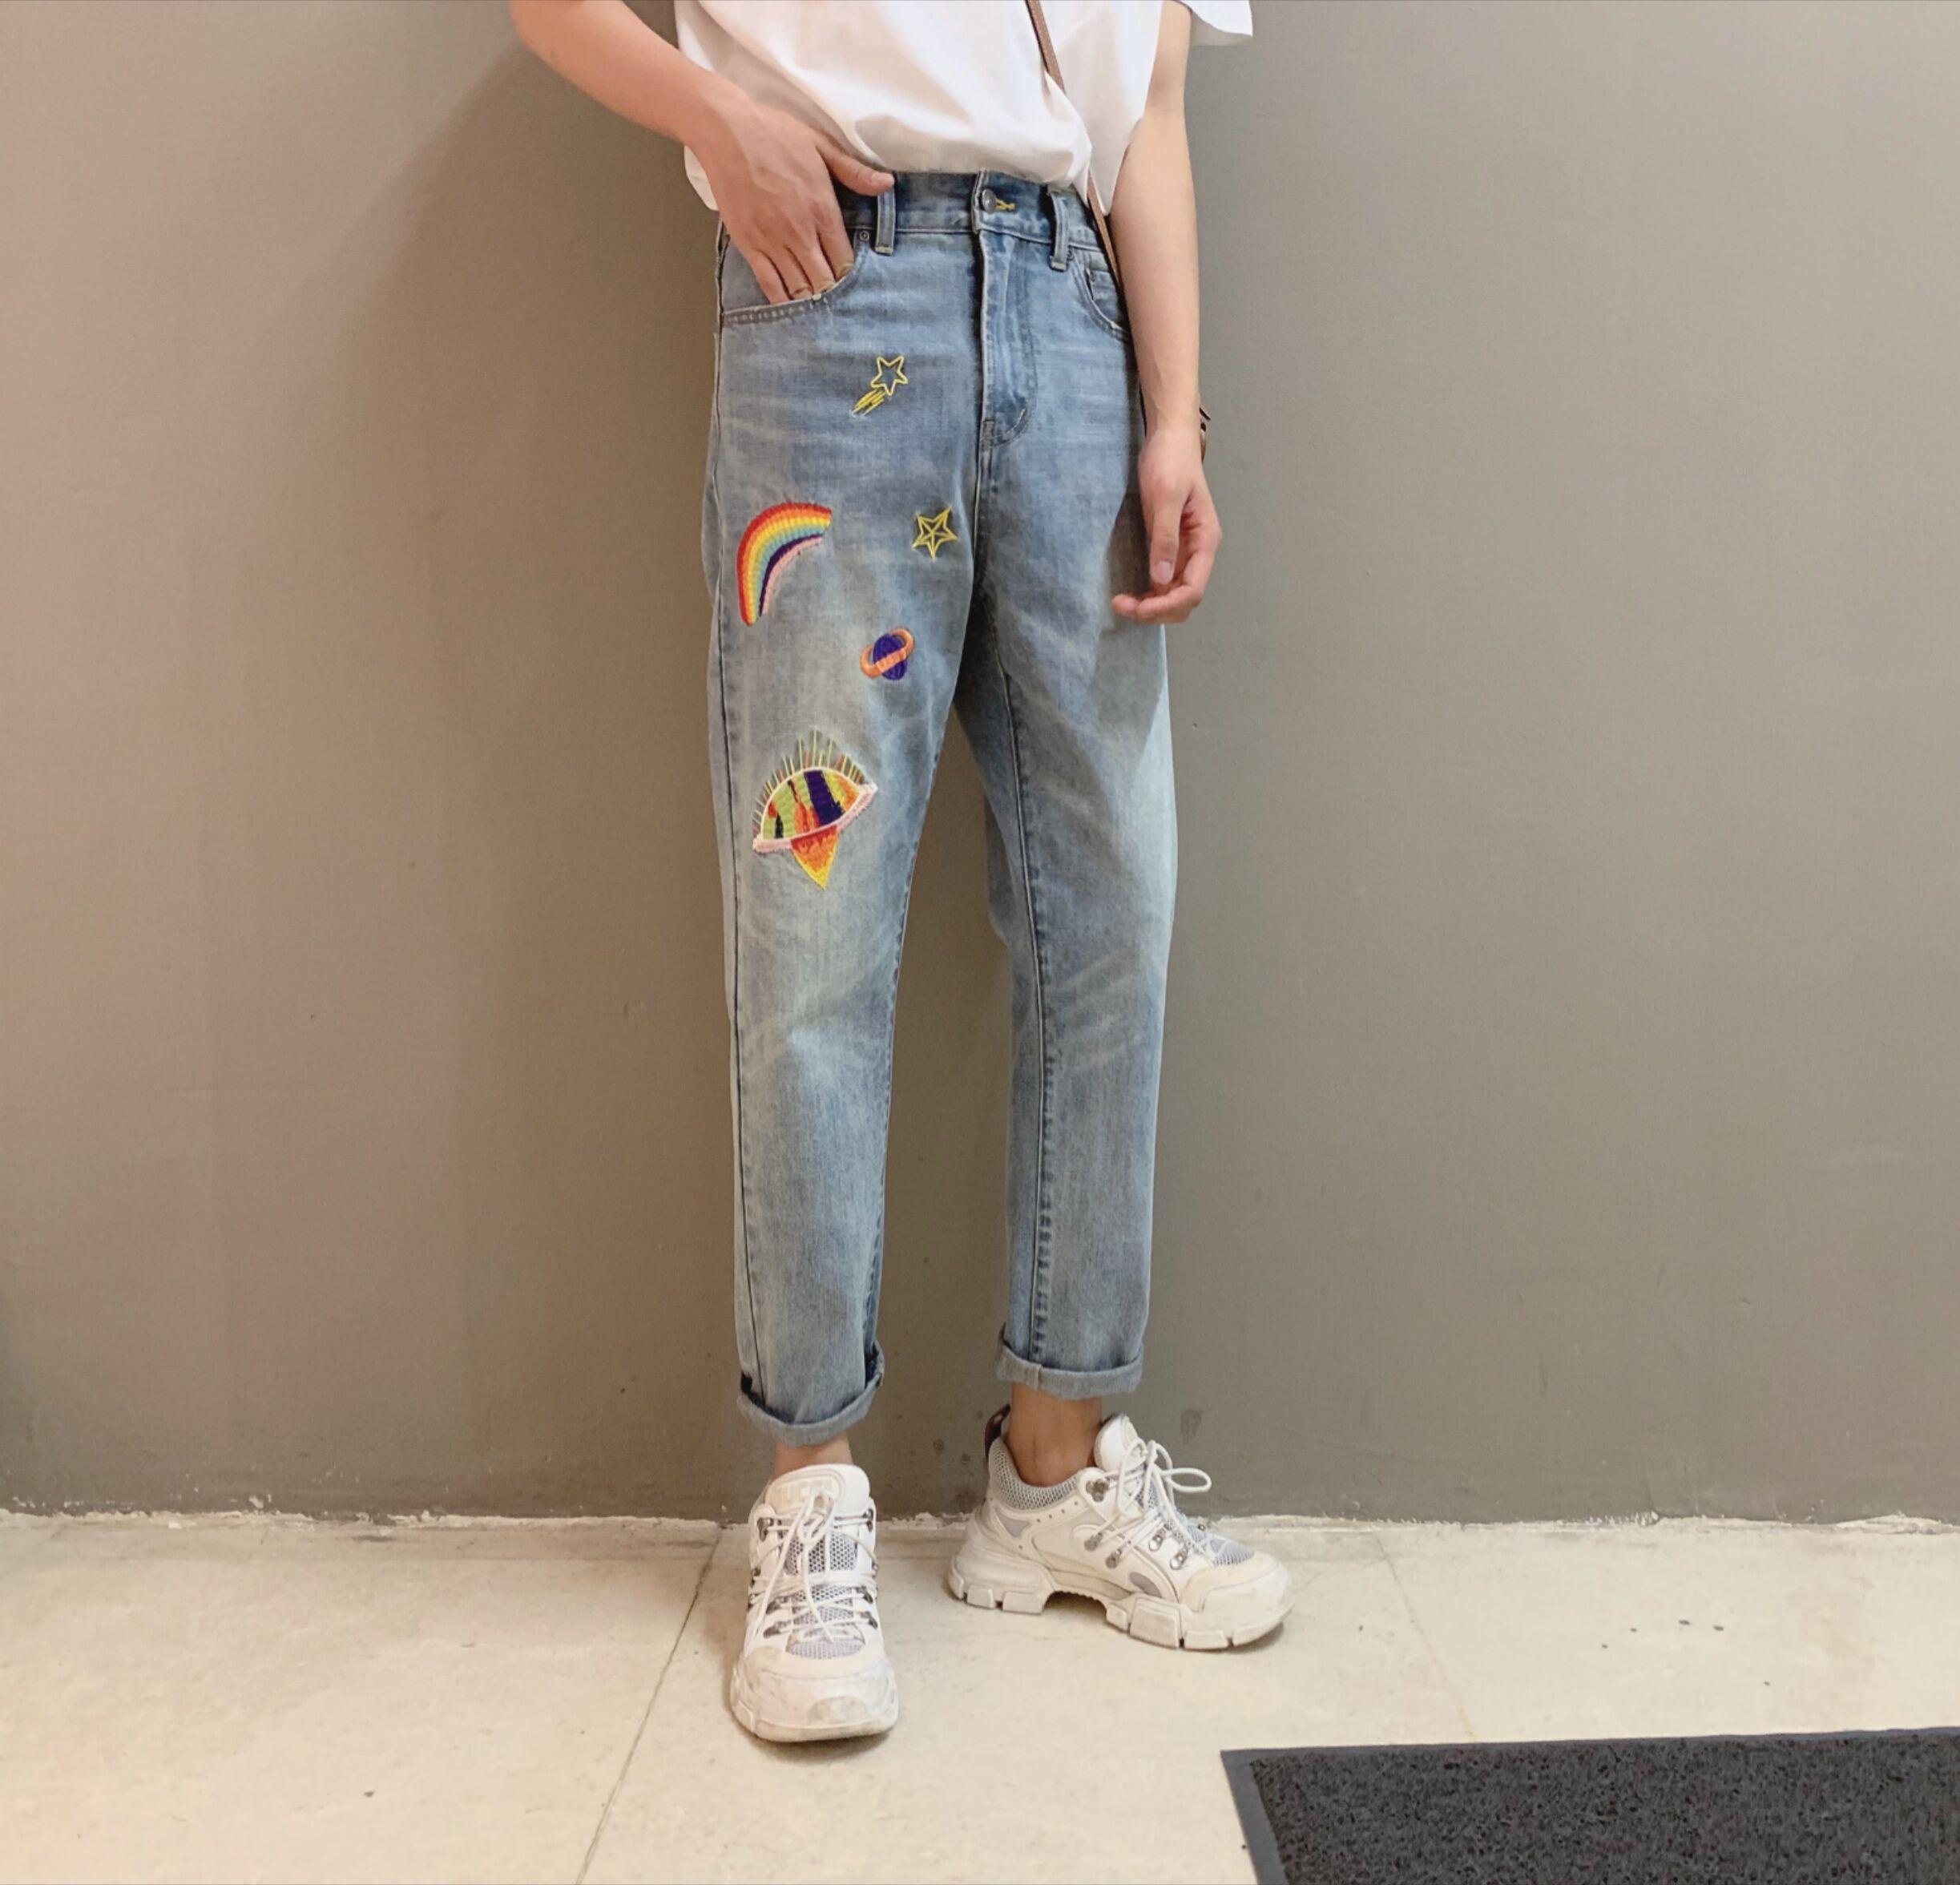 (用5元券)阿茶与阿古蓝色星球刺绣牛仔裤男夏季薄款宽松直筒九分休闲裤子